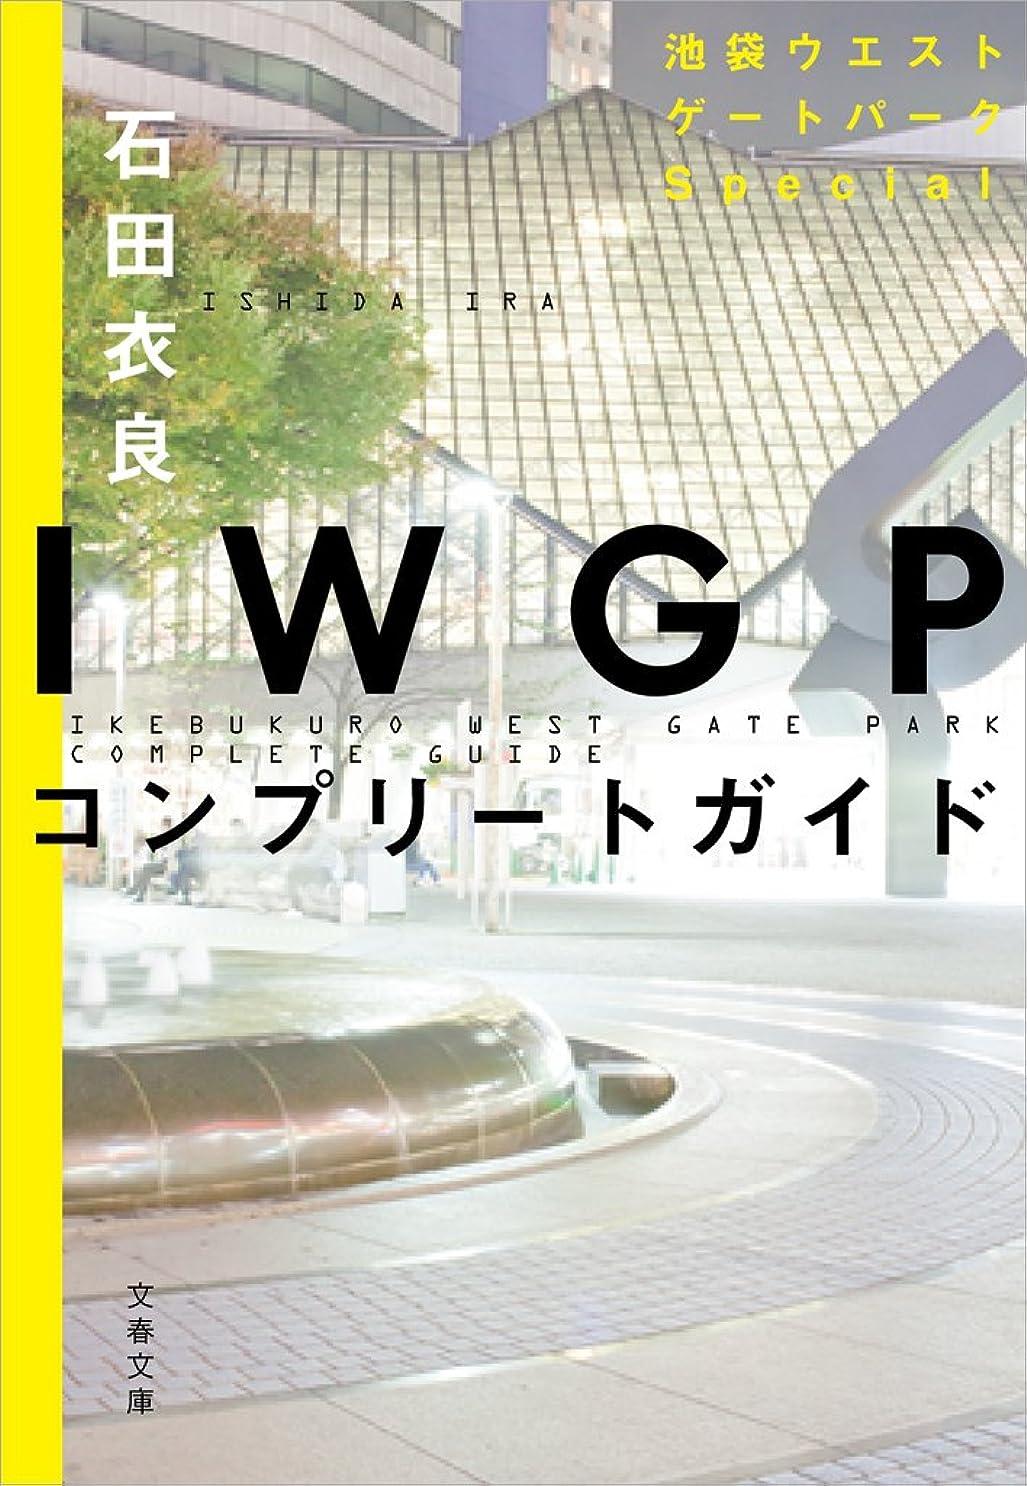 矩形考案する共和国IWGPコンプリートガイド 池袋ウエストゲートパーク